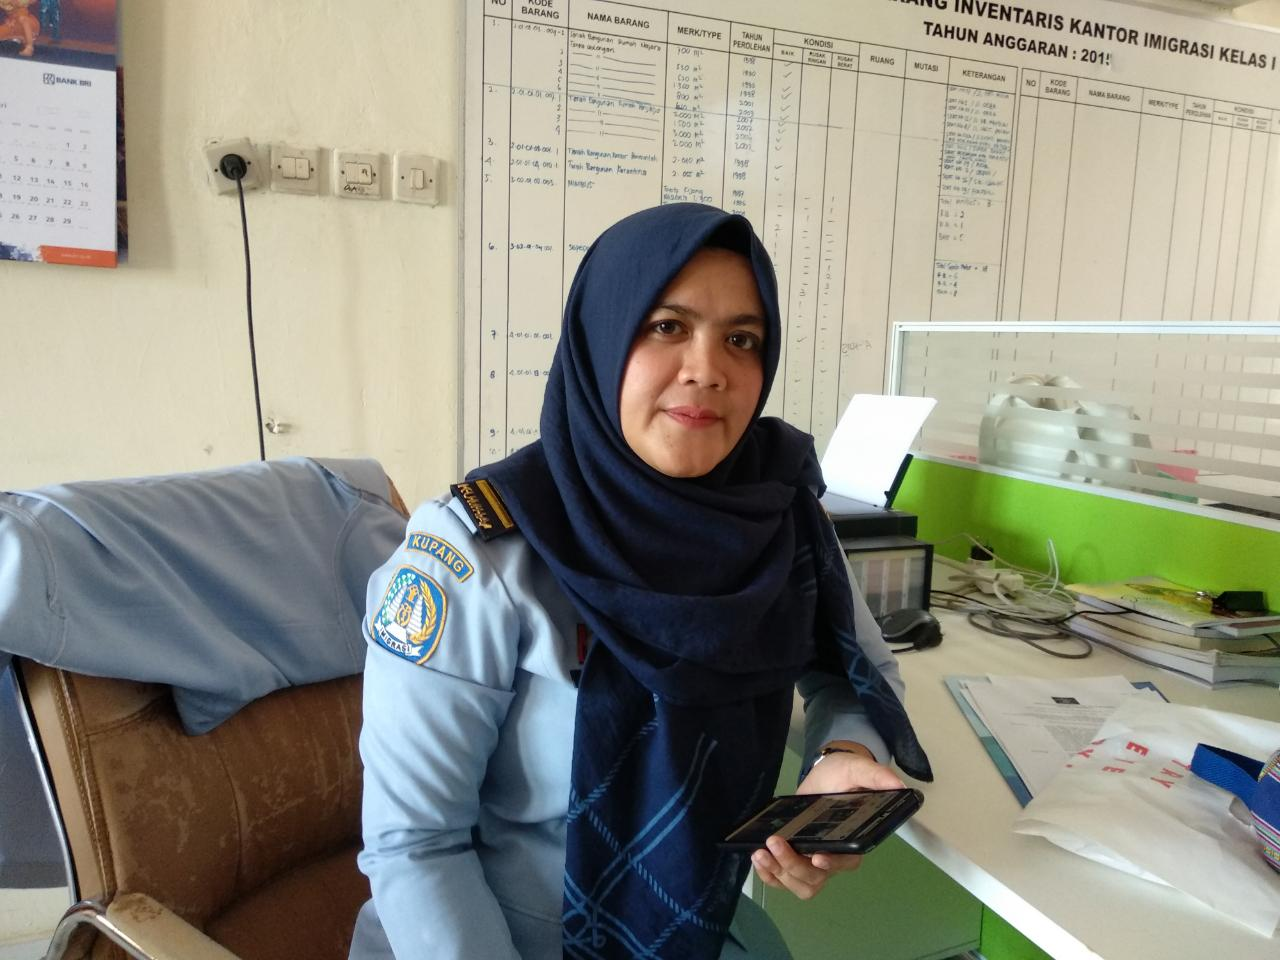 Korban Pencurian Sadis di Rumdis Imigrasi Kupang Beberkan Keterlibatan Oknum Polisi dan Istrinya